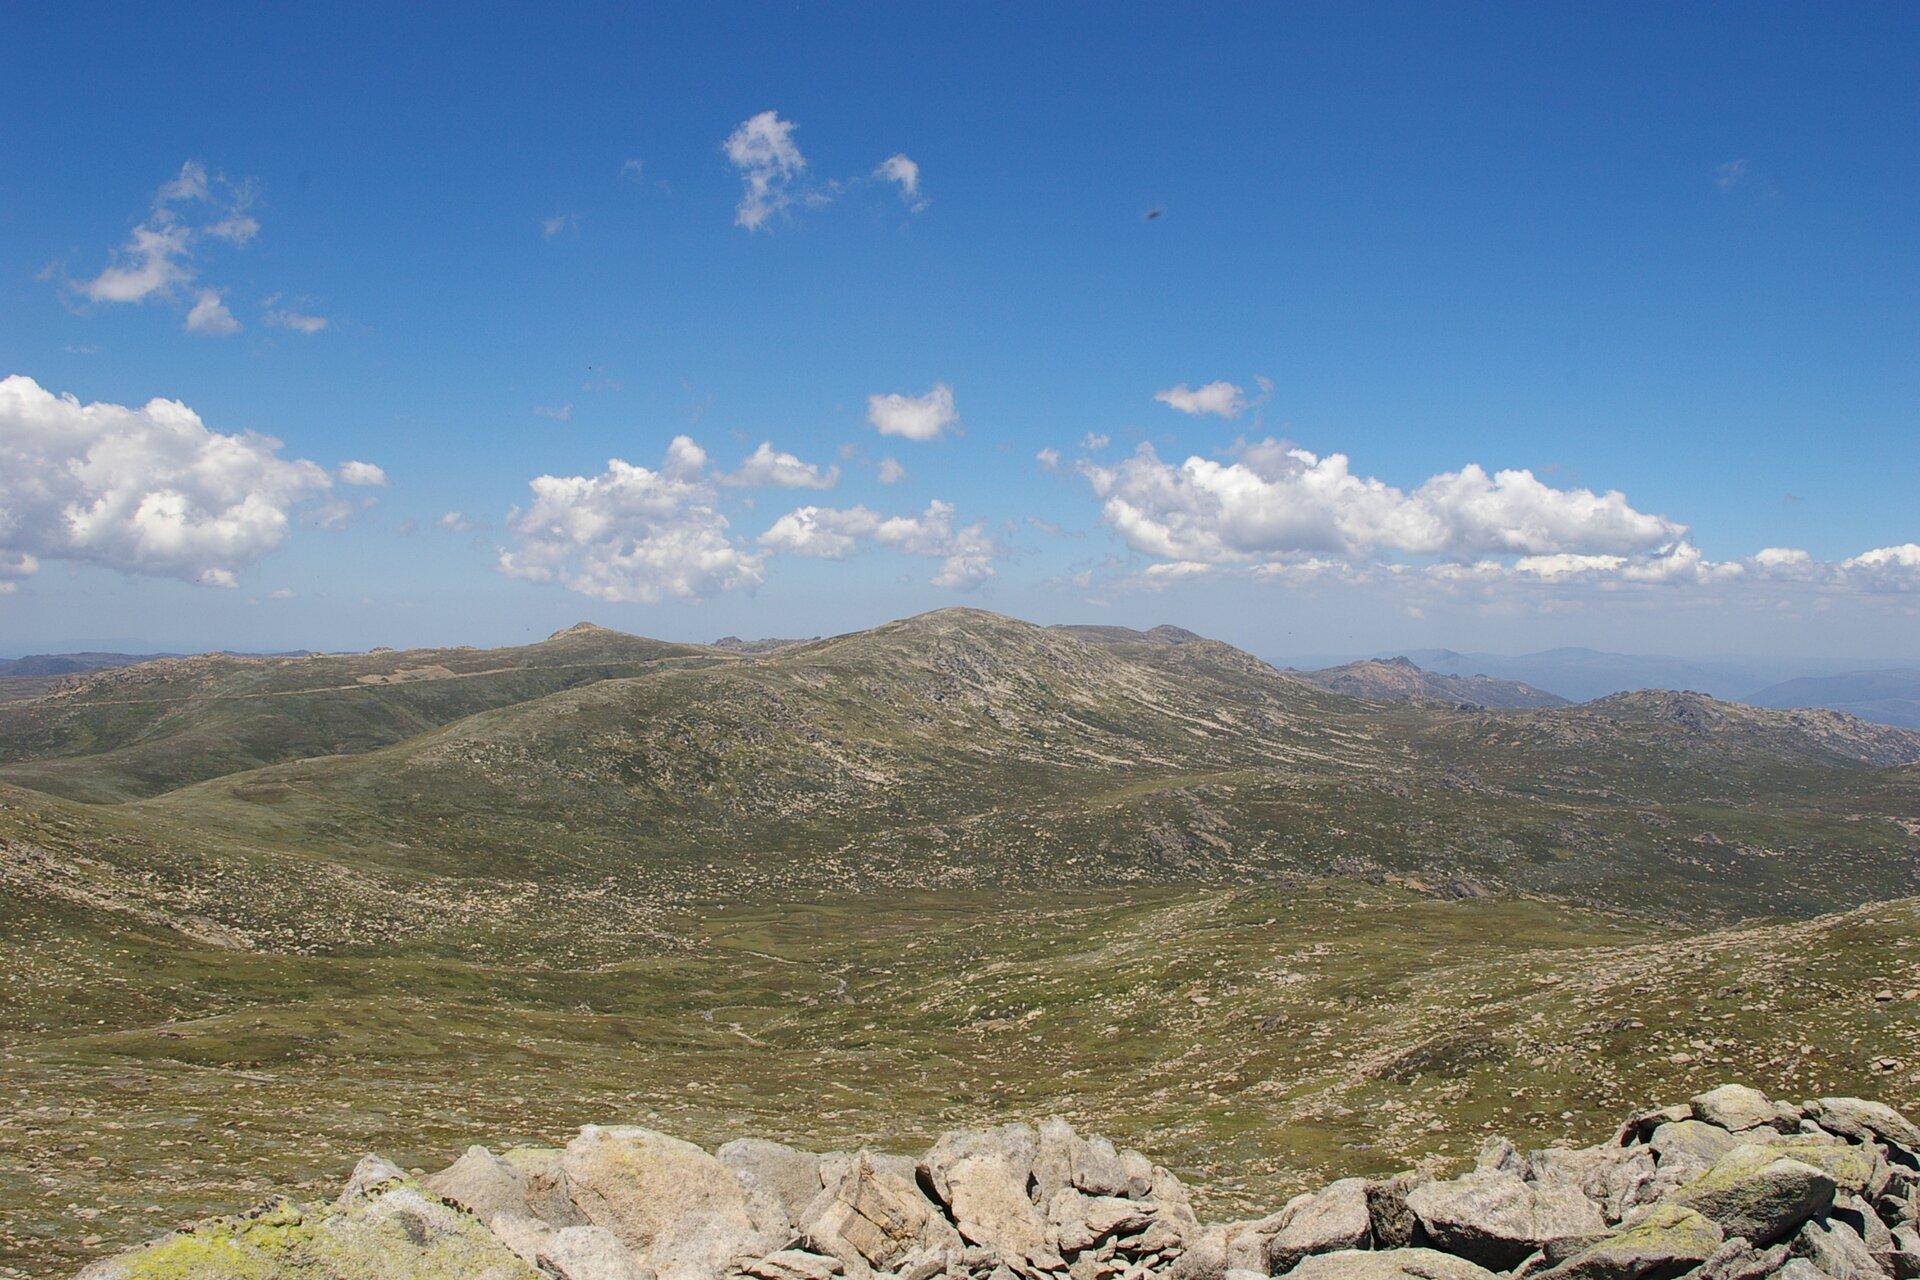 Fotografia prezentuje panorama łagodnych łańcuchów górskich pokrytych trawą ikamieniami. Najwyższe wzniesienie, to Góra Kościuszki.